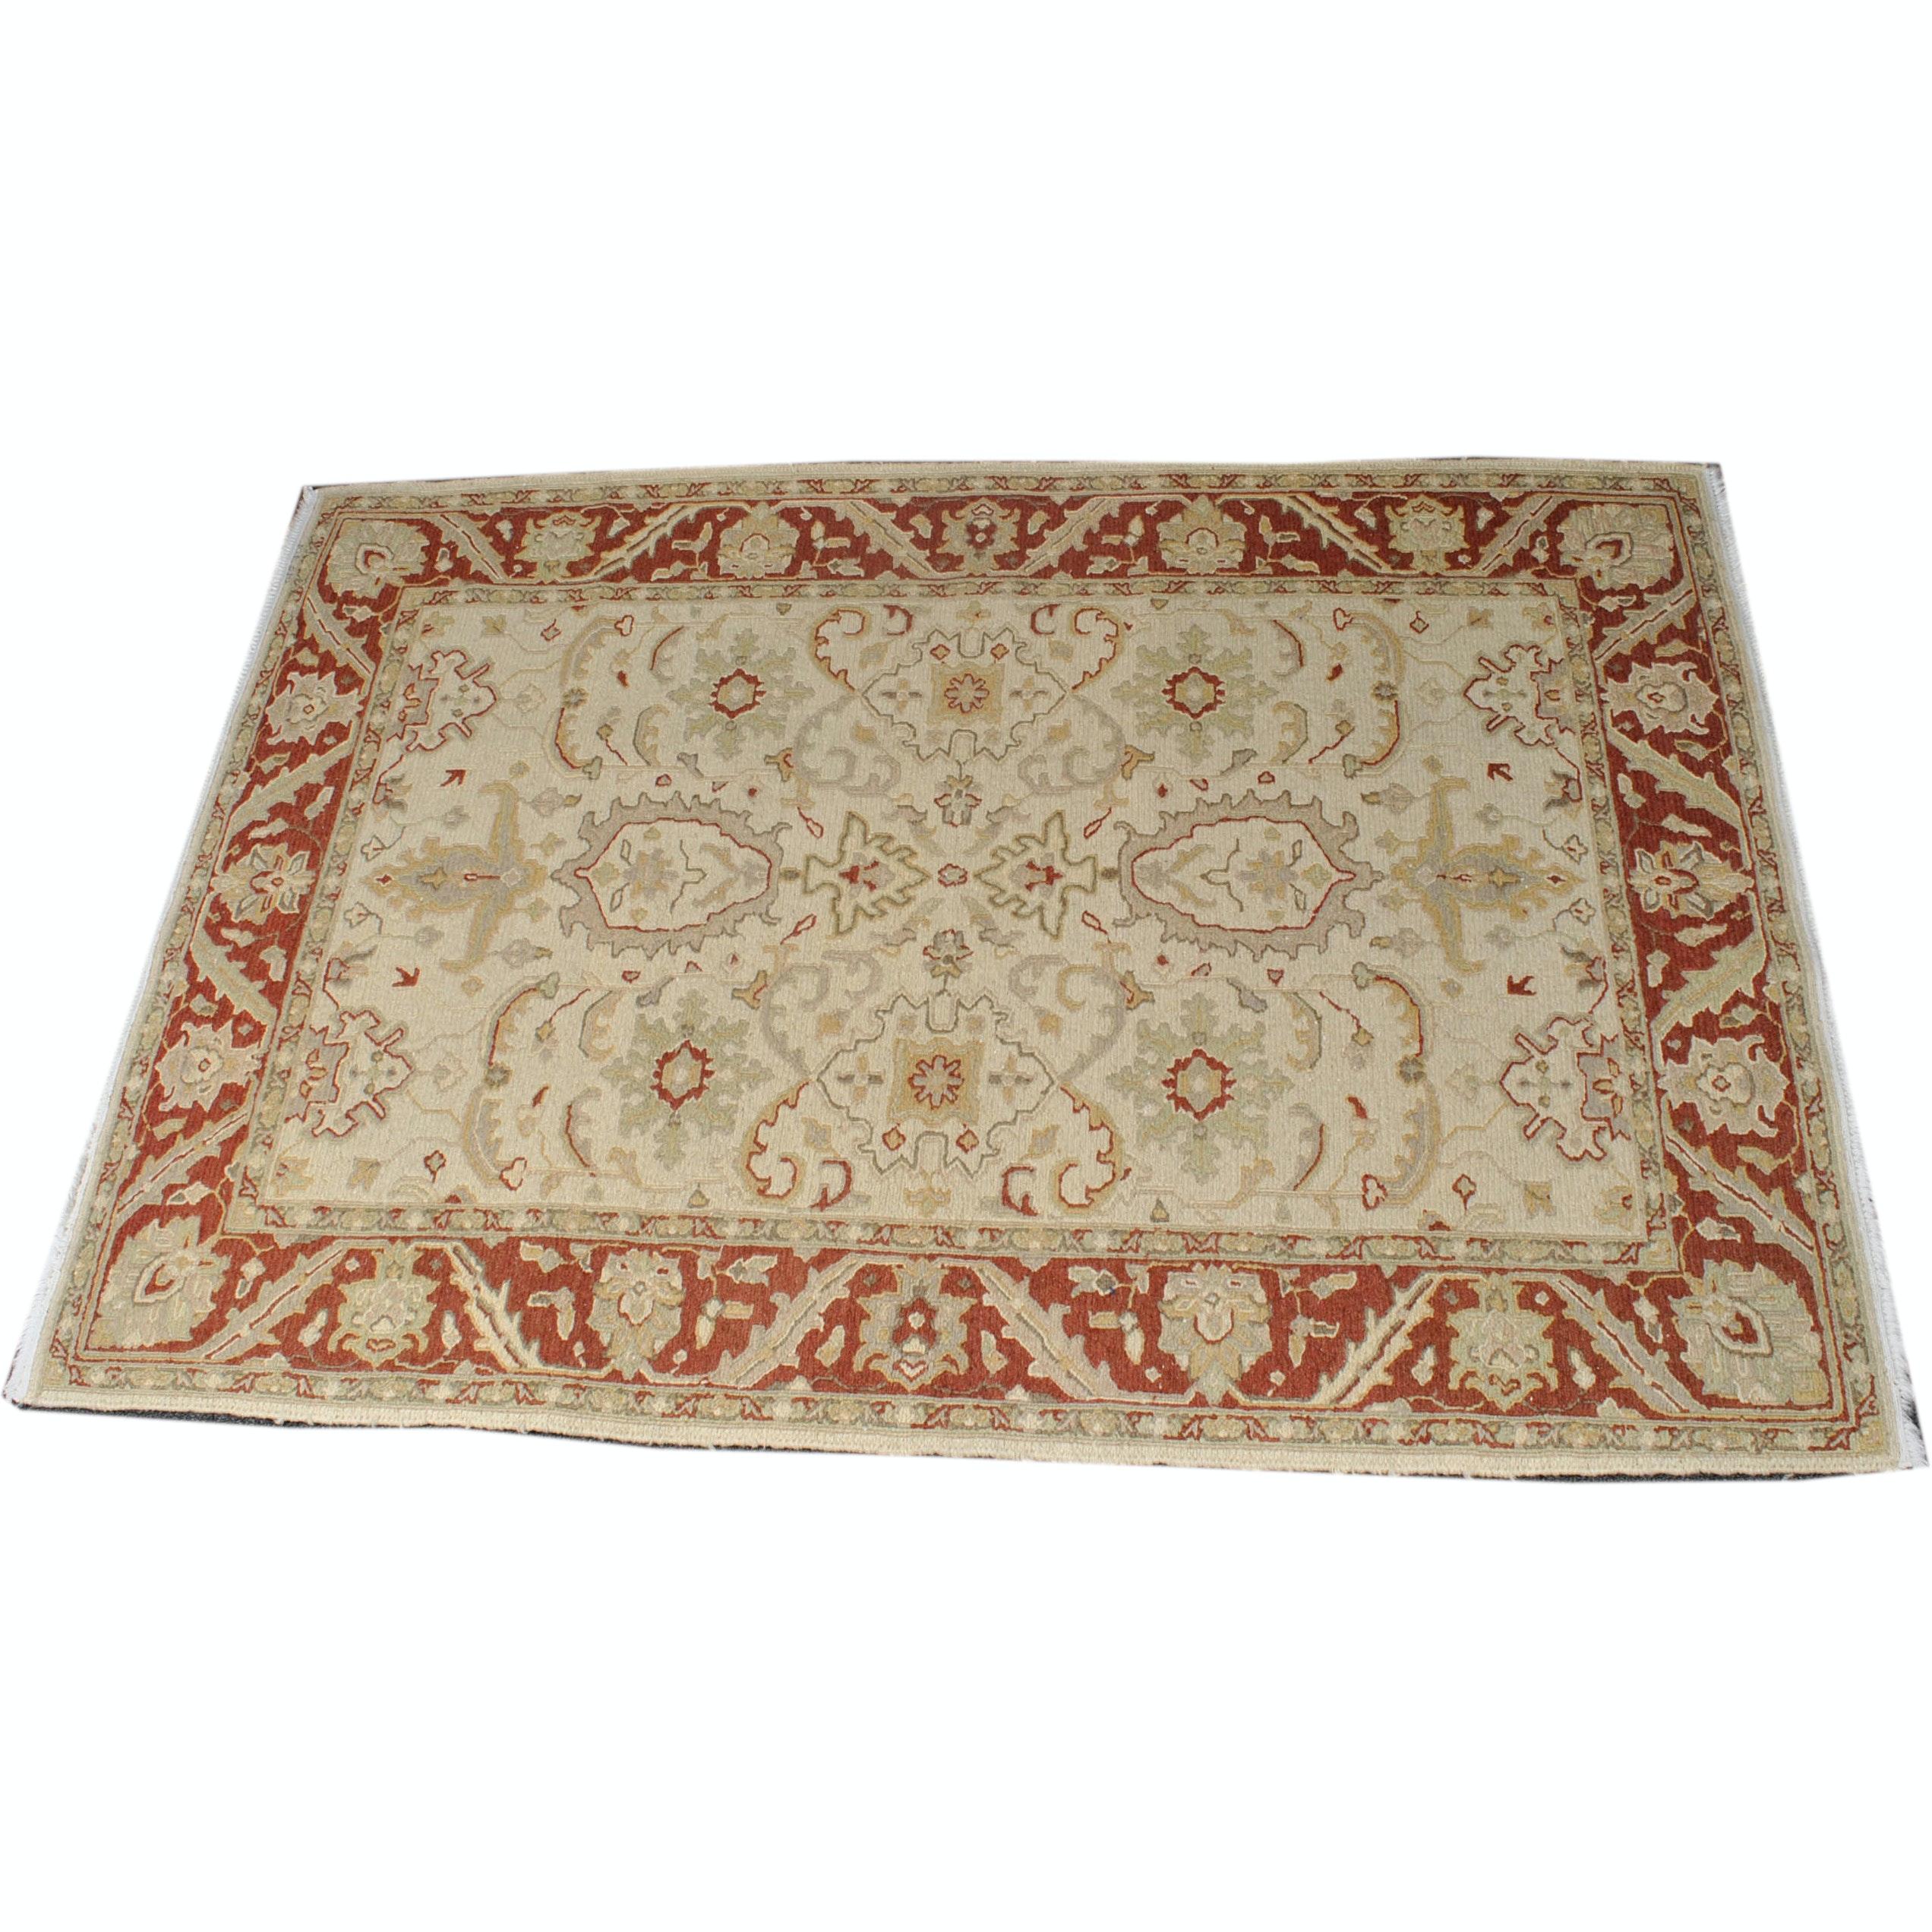 Handwoven Indo-Persian Heriz Wool Soumak Area Rug